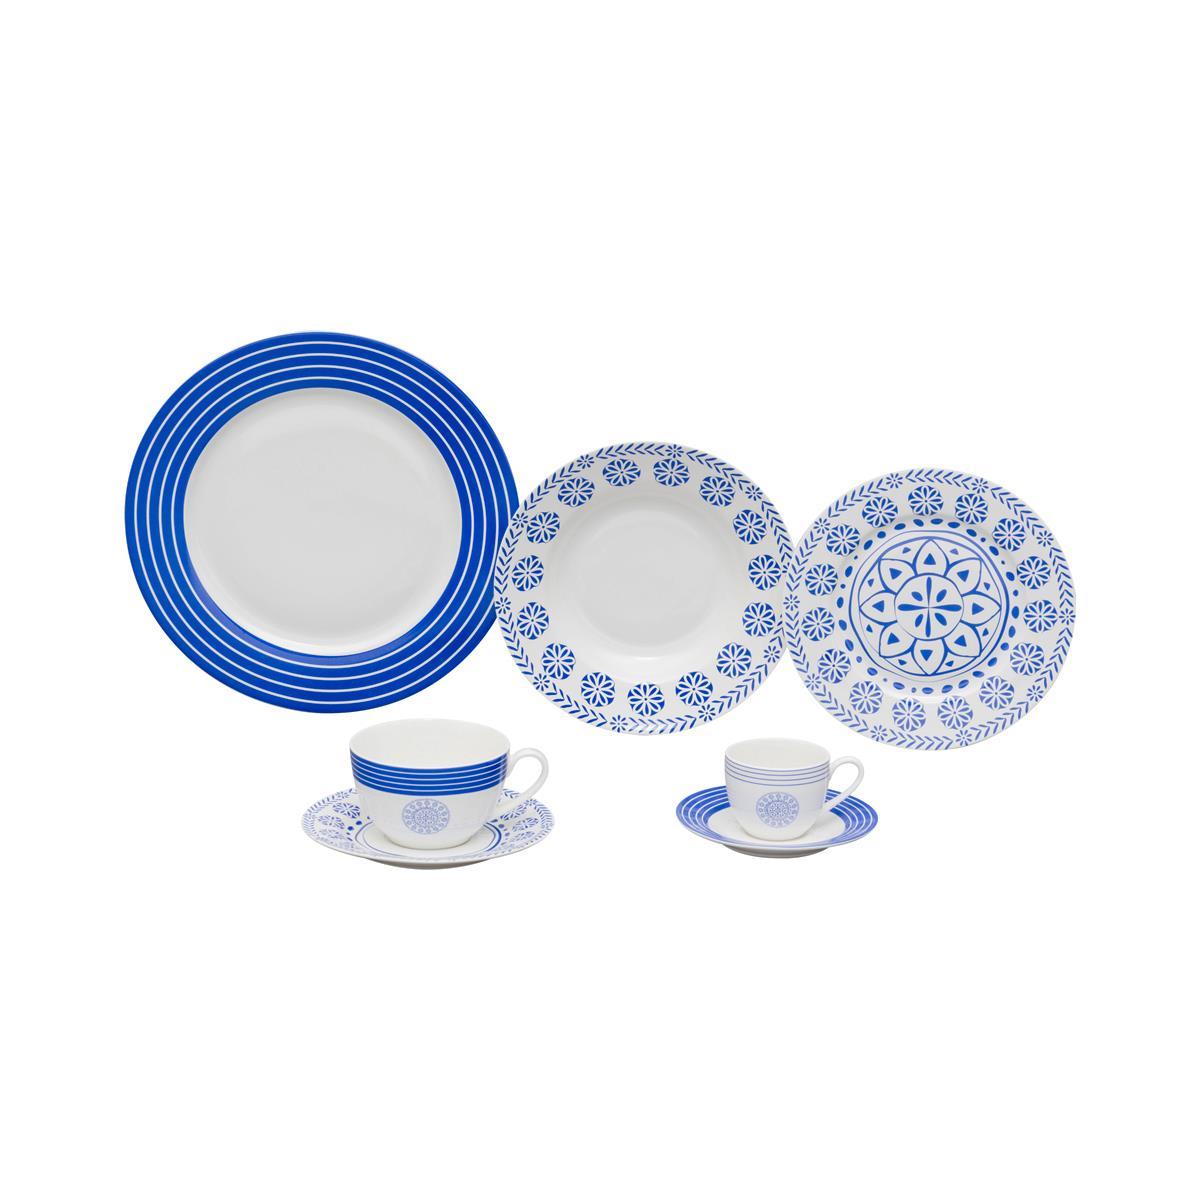 Aparelho Jantar Wolff High White Blue Geometry 42 Peças Porcelana